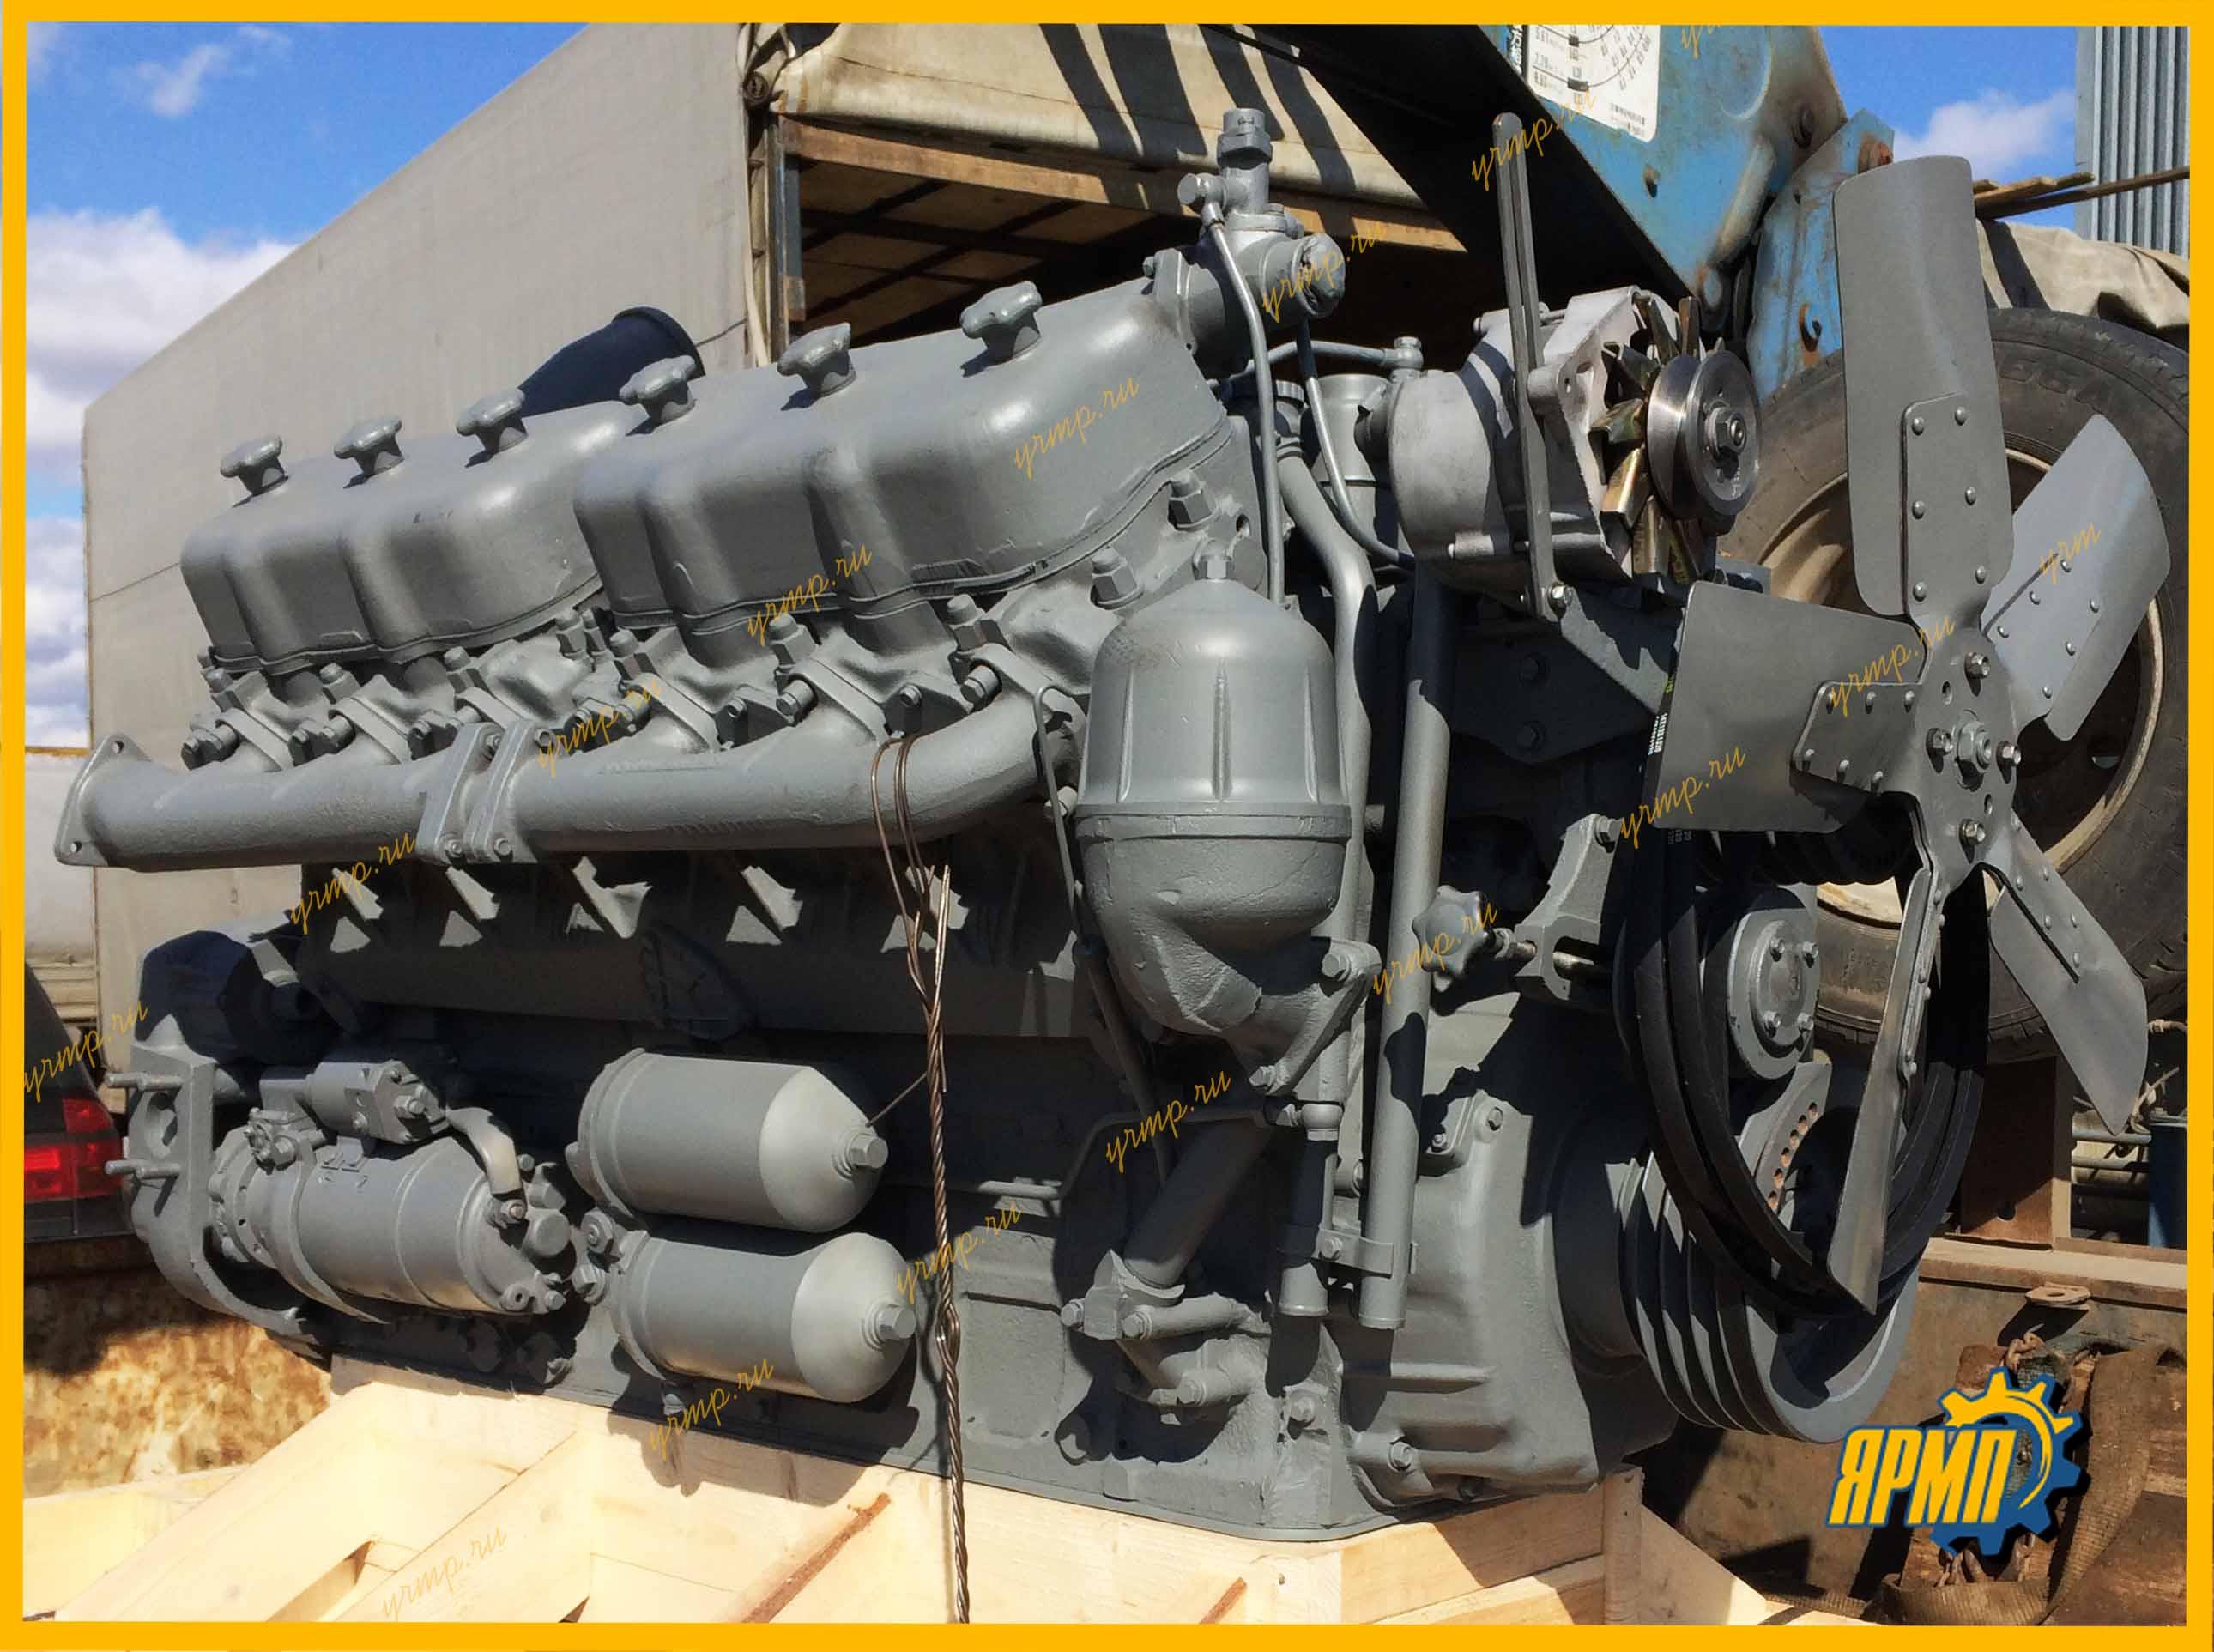 купить двигатель ЯМЗ-240БМ2 с гарантией